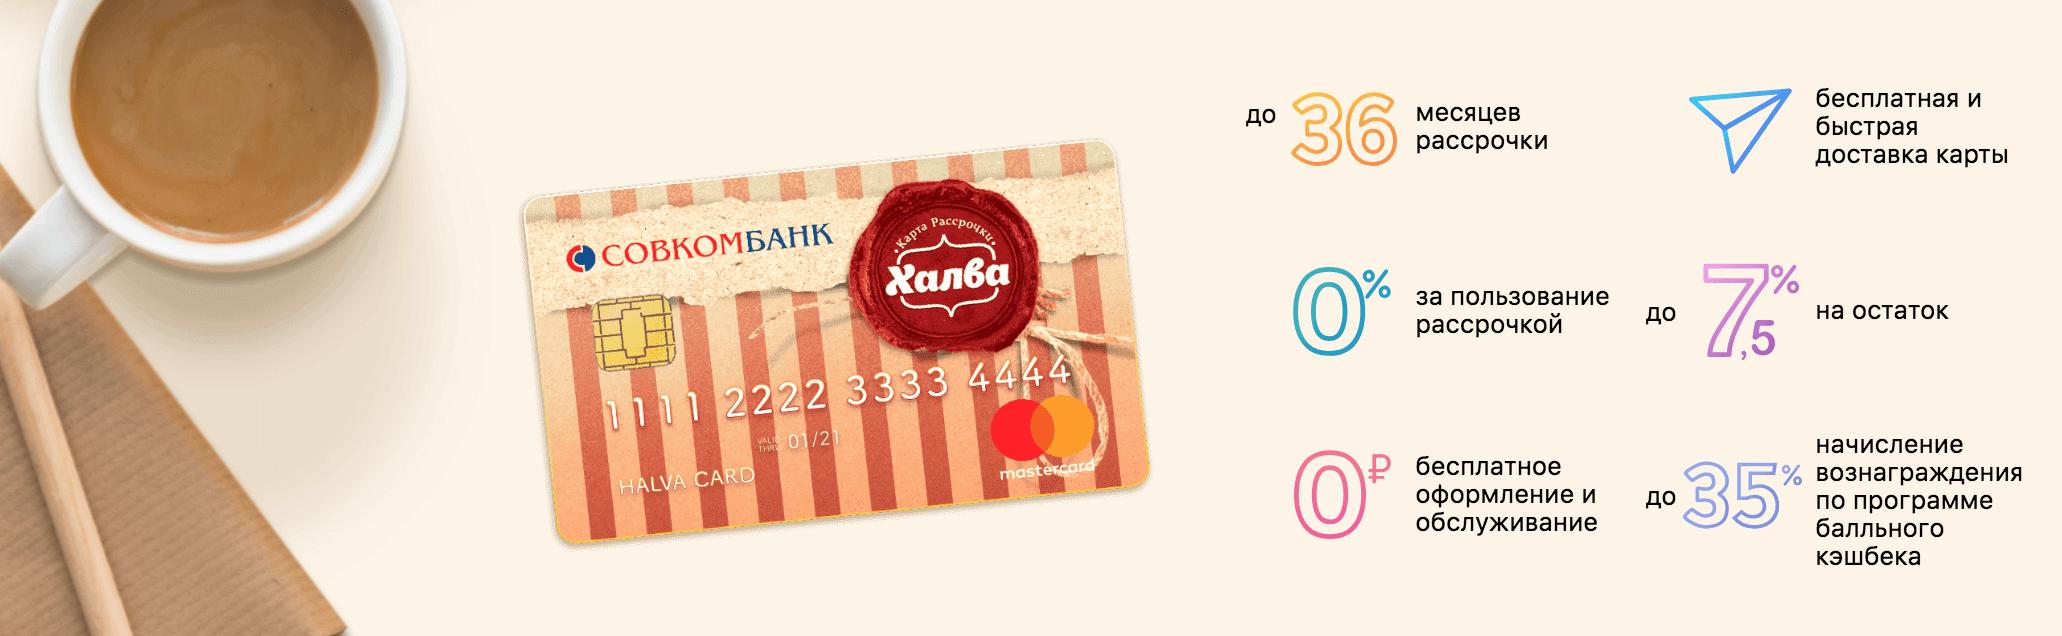 банк хоум кредит карта свобода партнеры краснодар хоум мой кредит личный кабинет